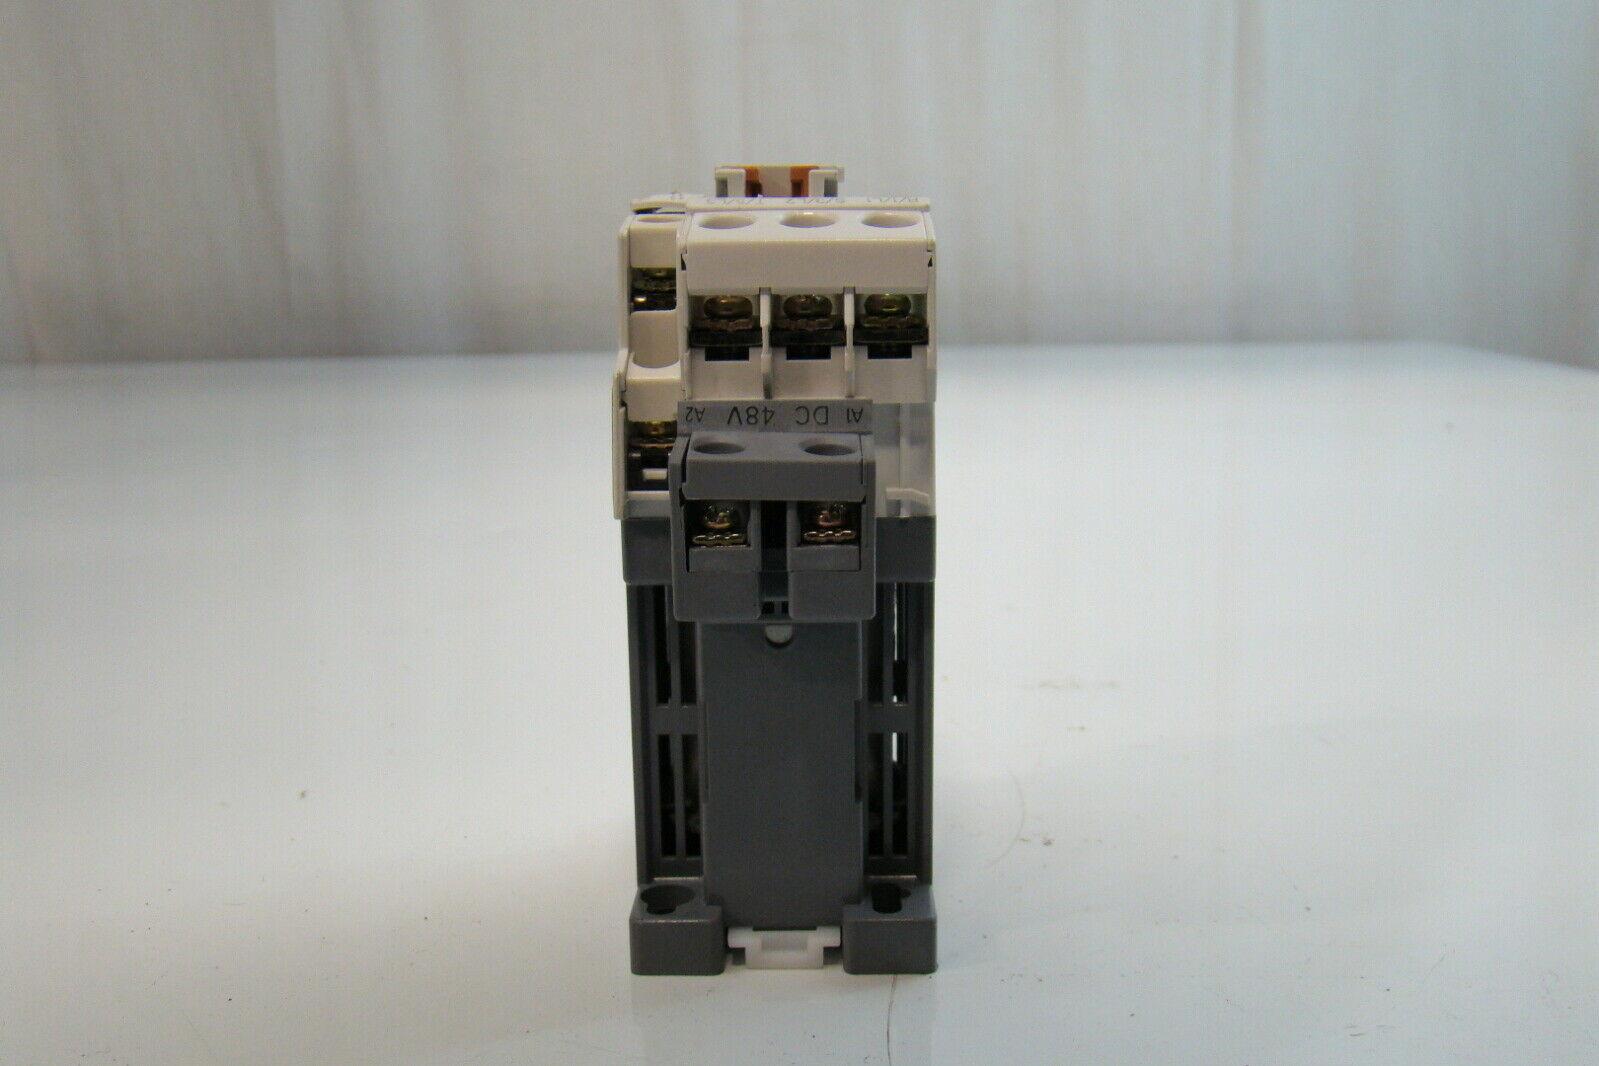 LG Meta Mec 240V Contactor GMC 22 #5D4E42